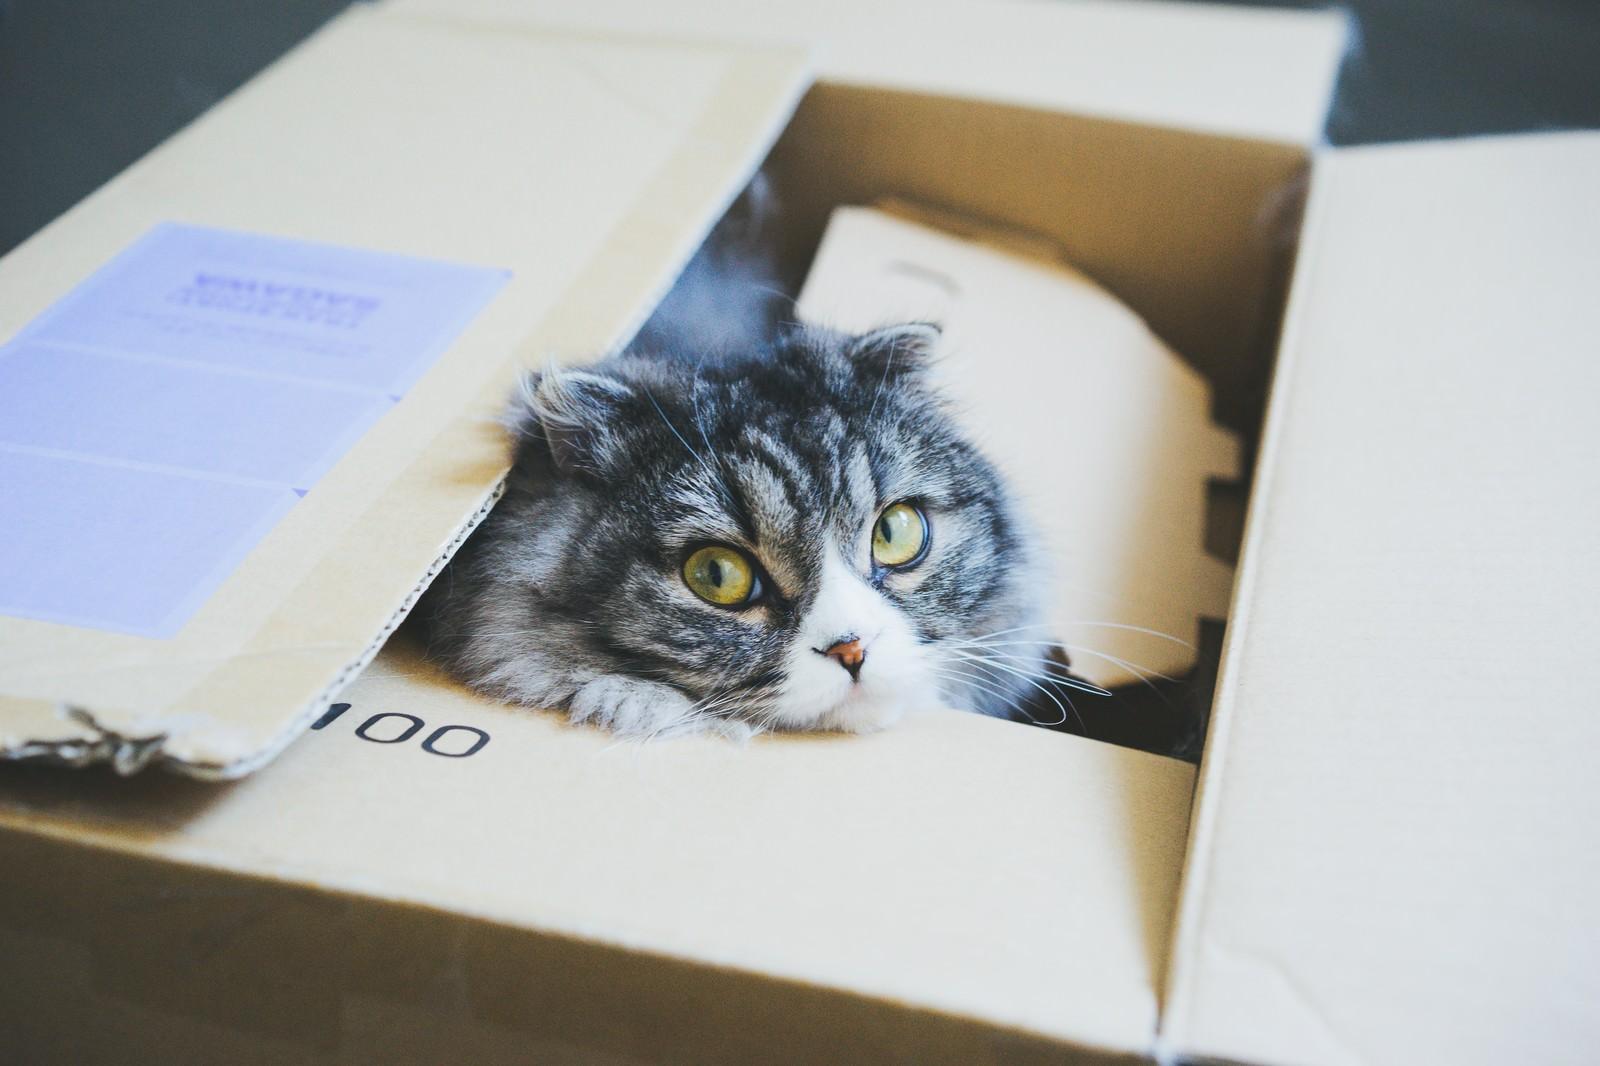 「ダンボールから顔を出す猫(スコティッシュフォールド)ダンボールから顔を出す猫(スコティッシュフォールド)」のフリー写真素材を拡大